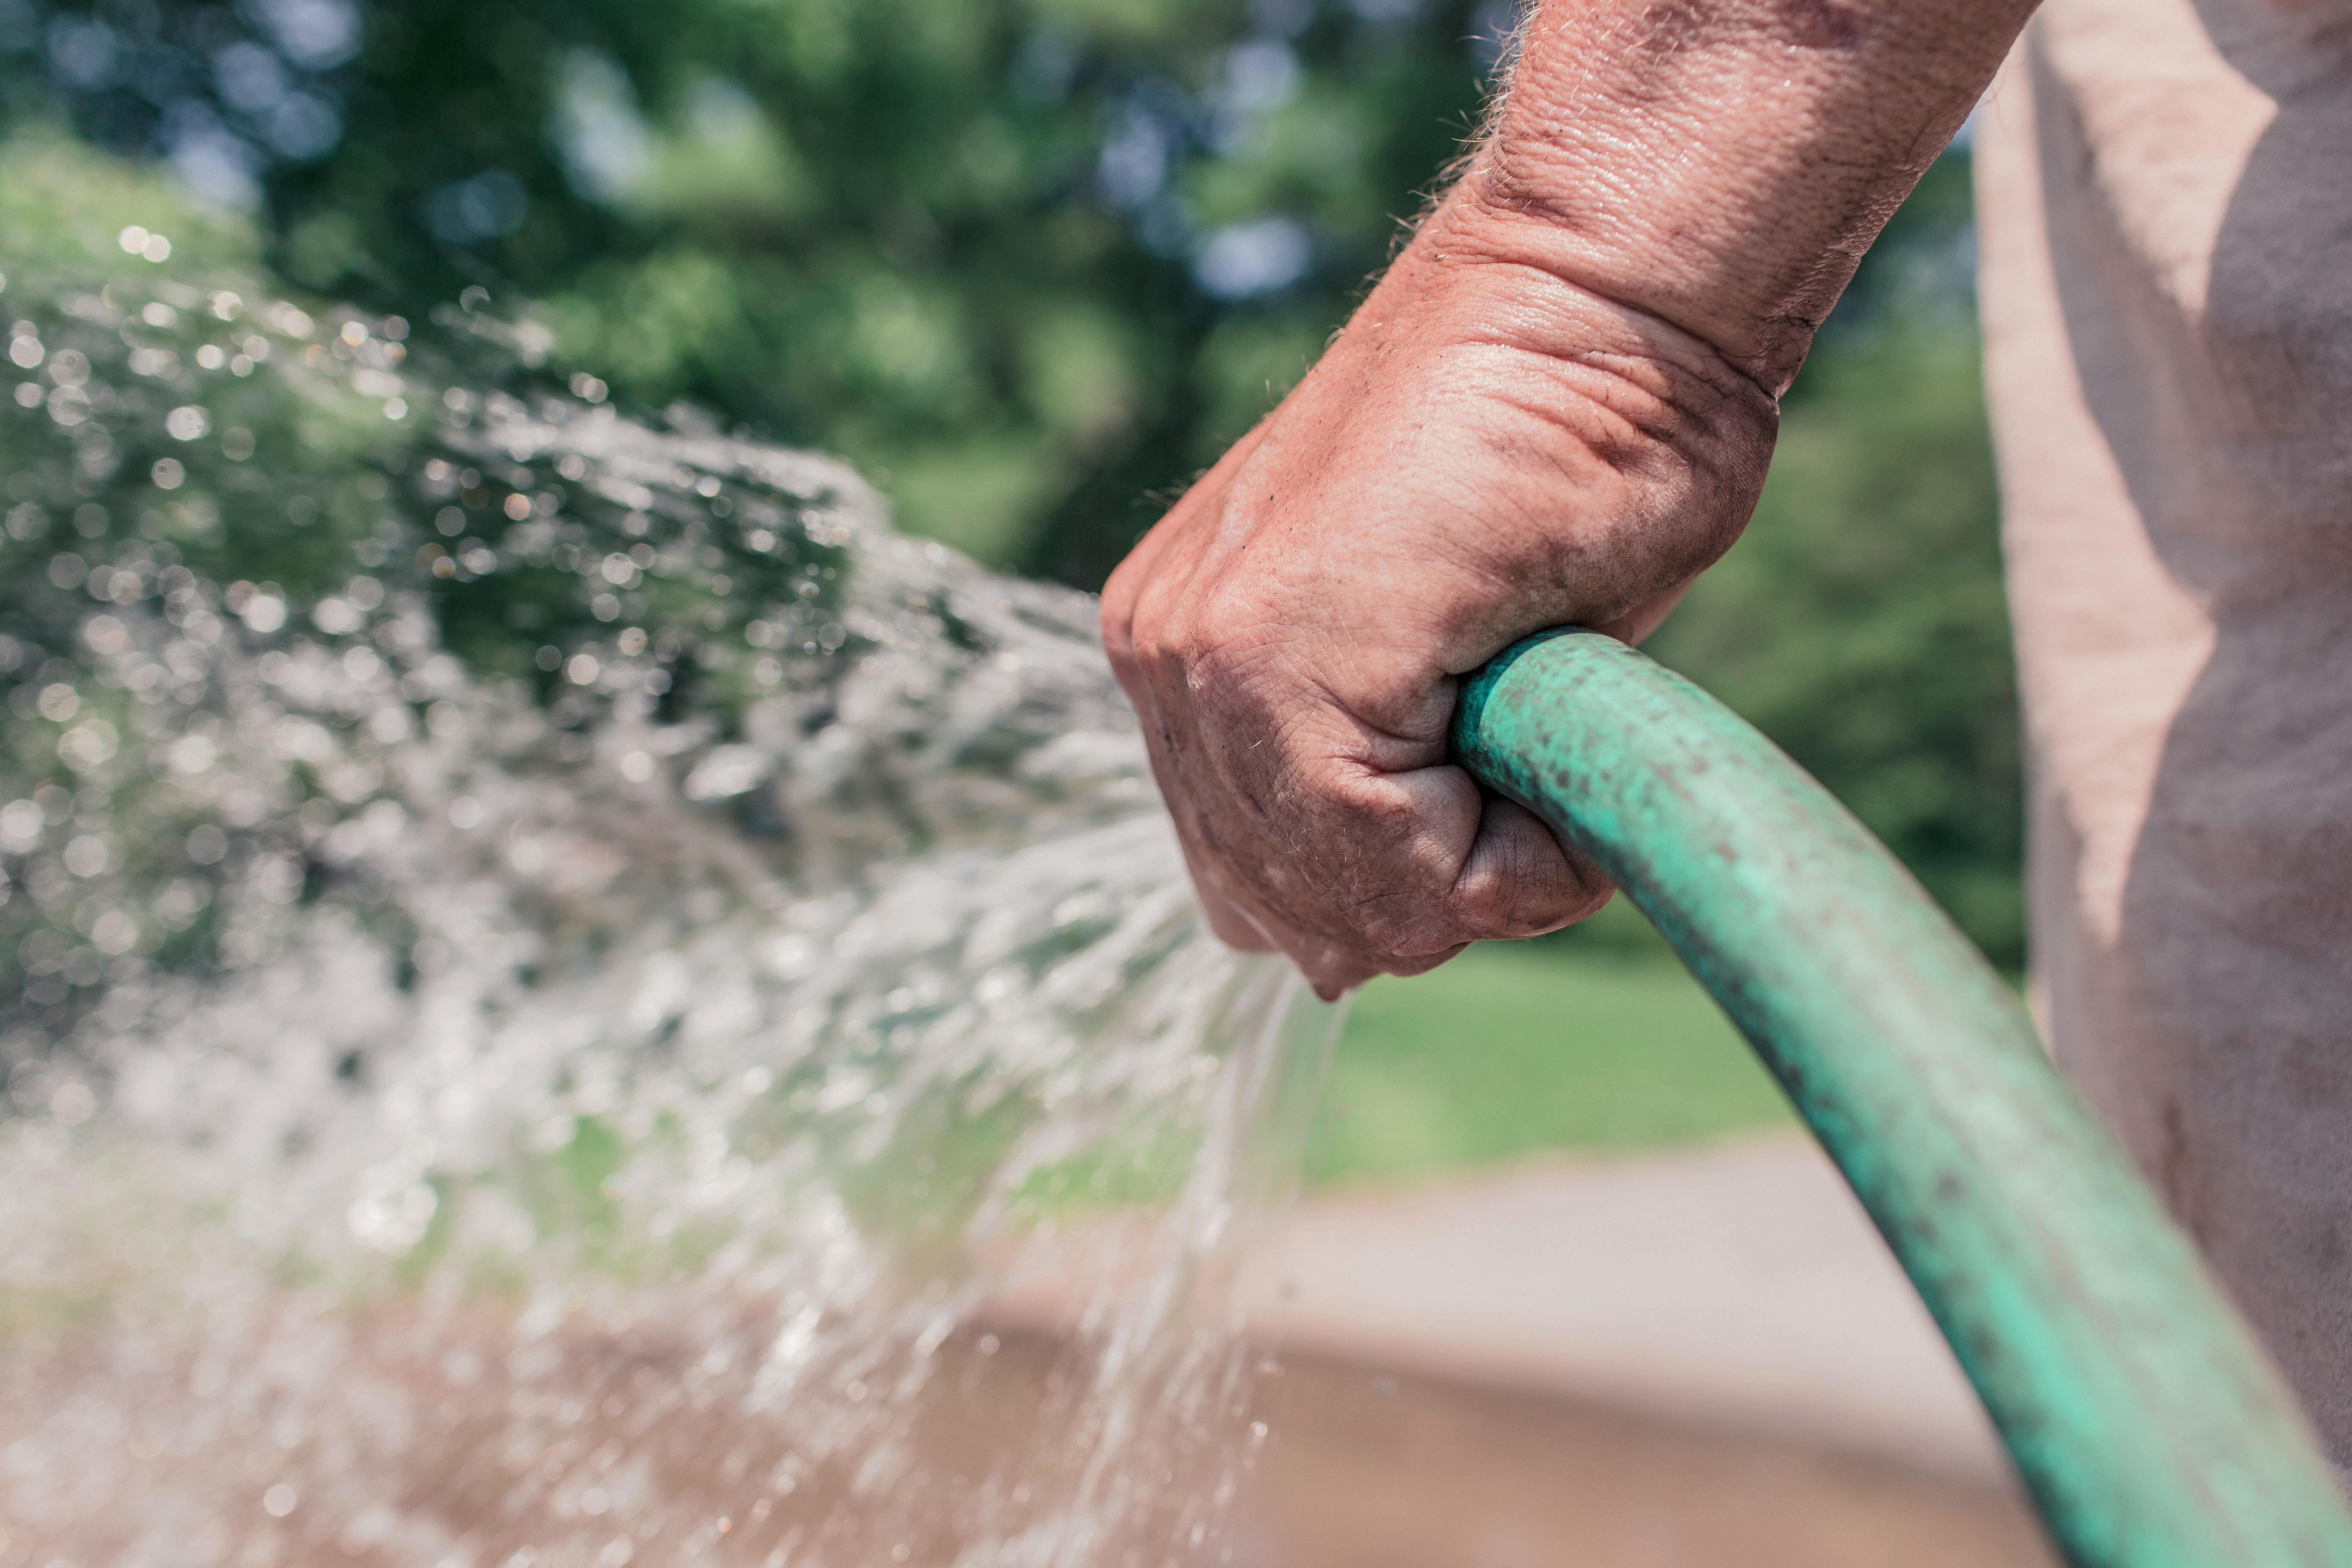 a male hand holding a hose